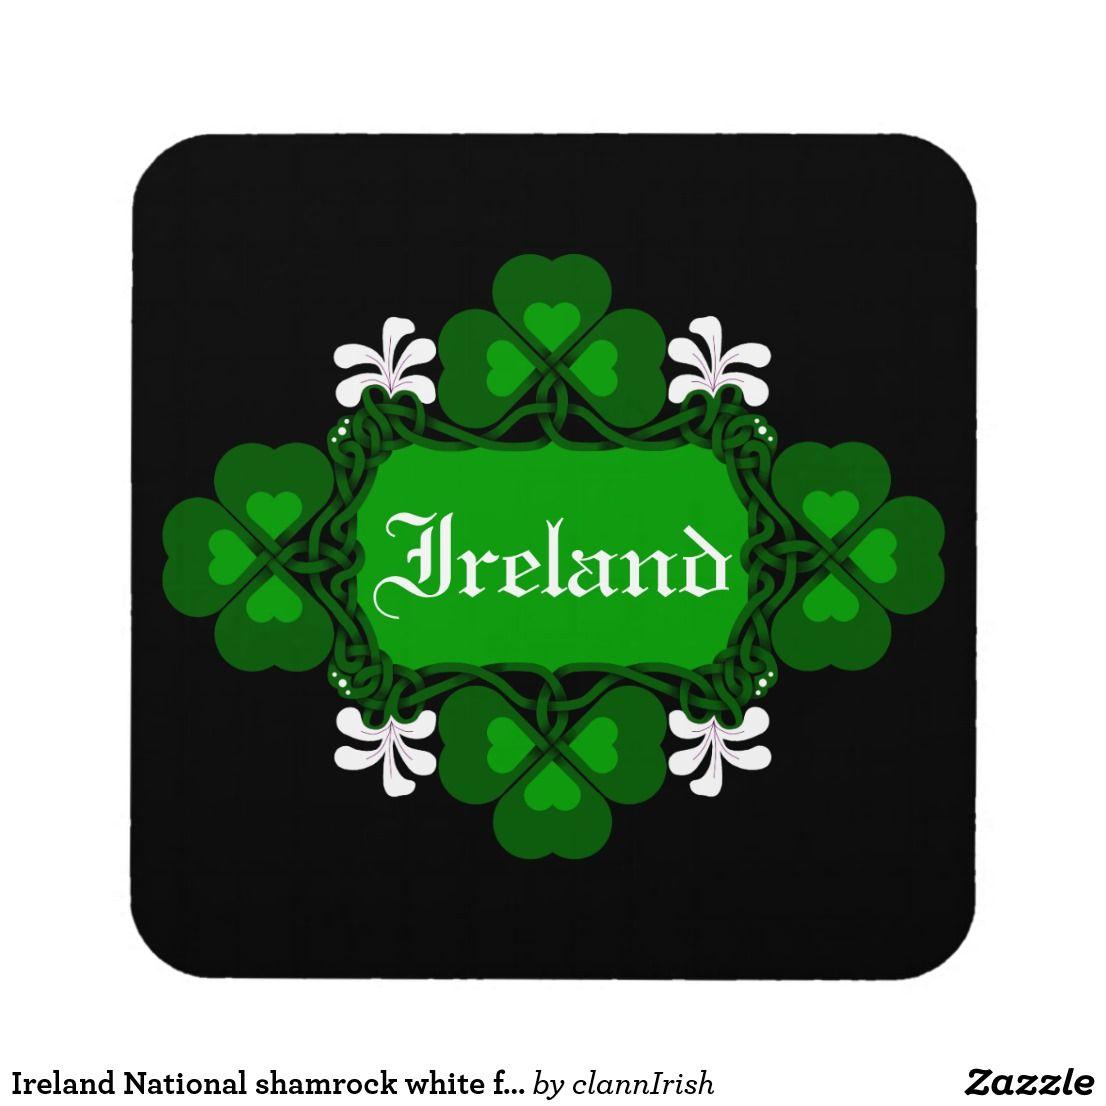 Ireland National shamrock white flowerCustom name